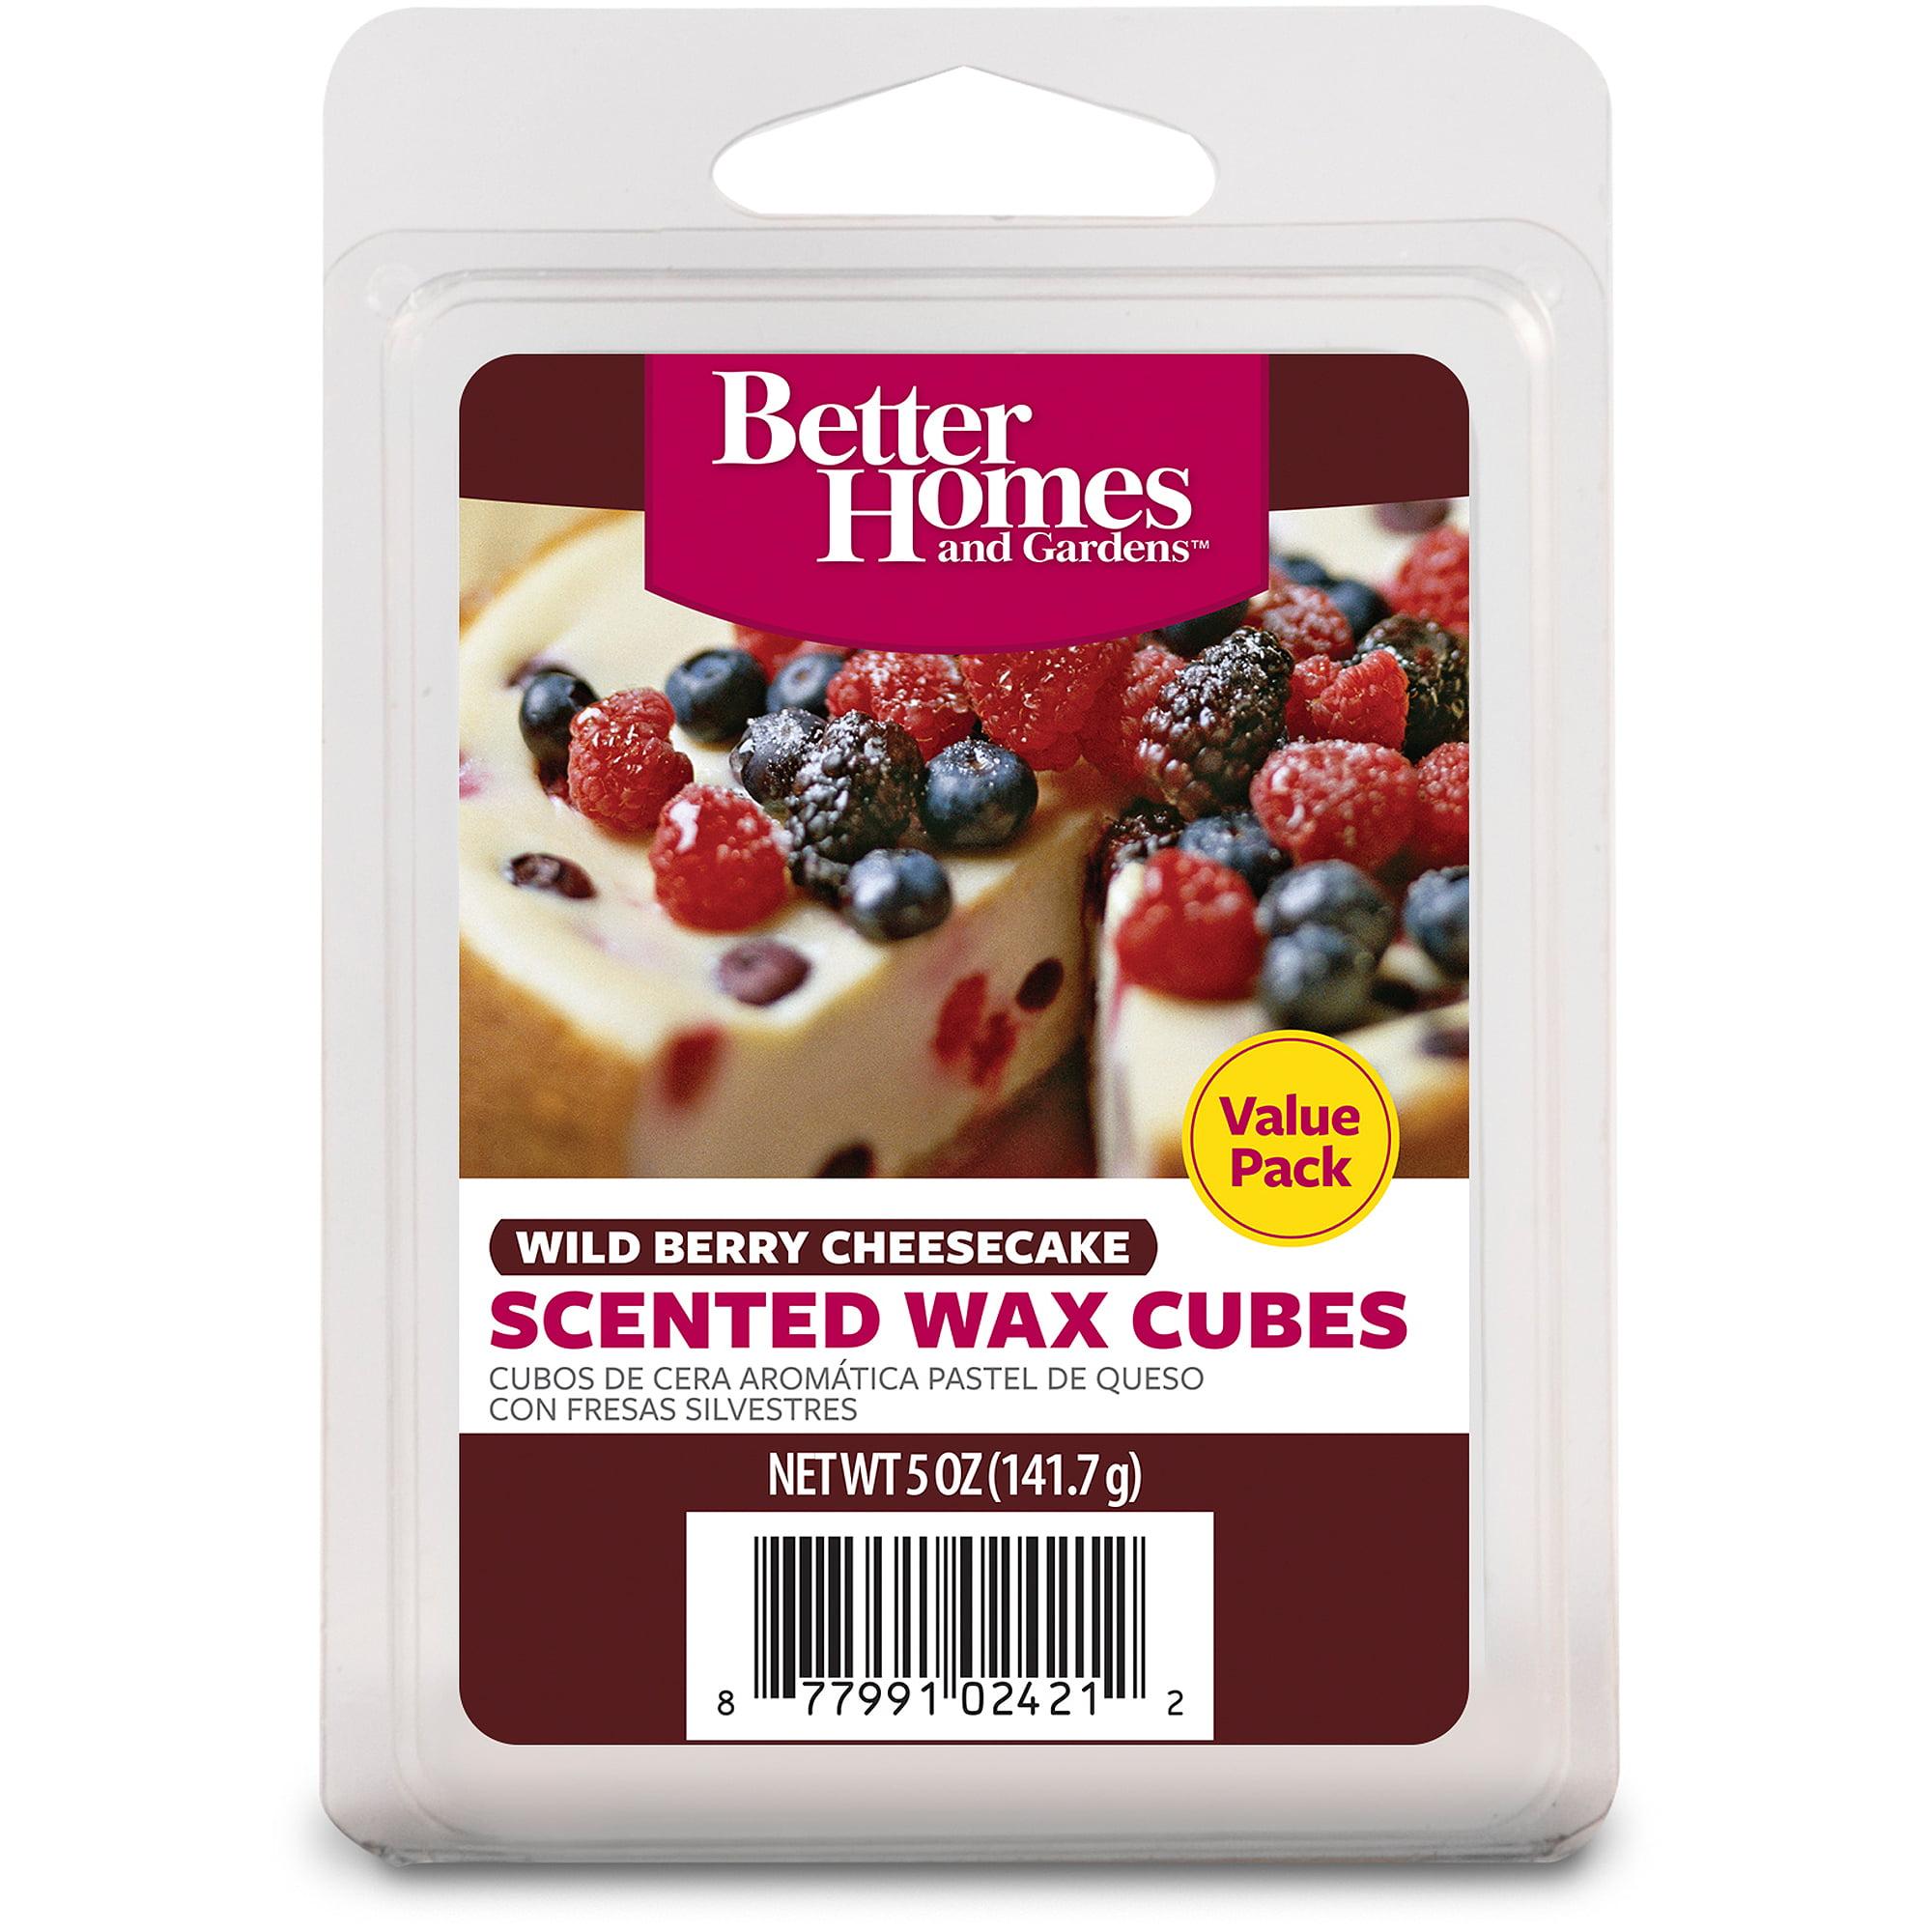 Better Homes Wax Cubes